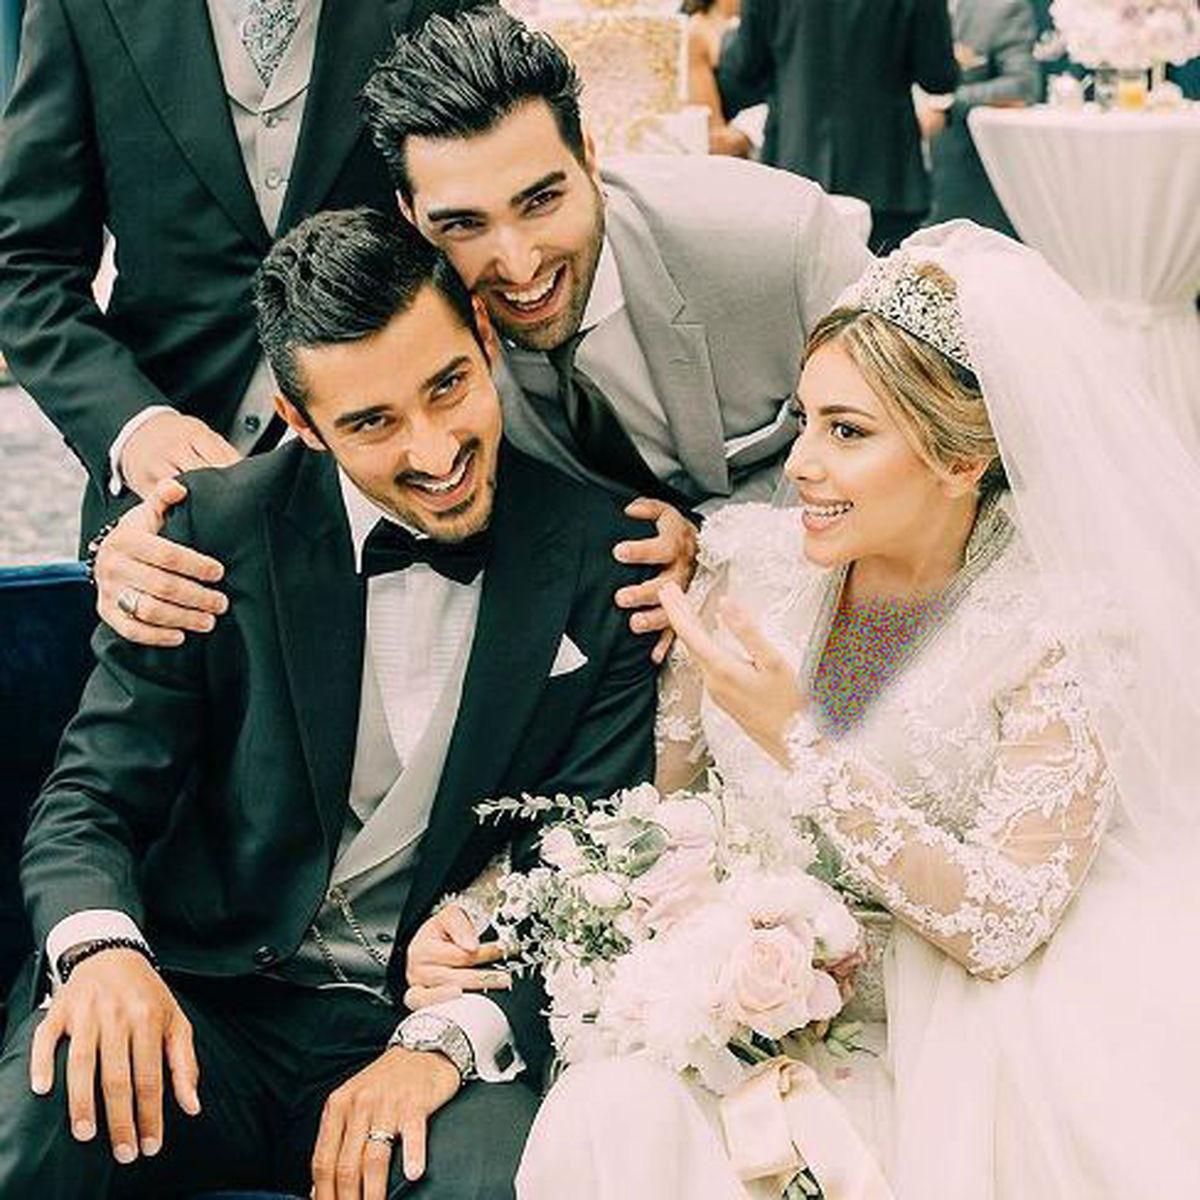 تصاویر لو رفته از ازدواج مجلل و لاکچری قوچان نژاد و همسرش در هلند + تصاویر